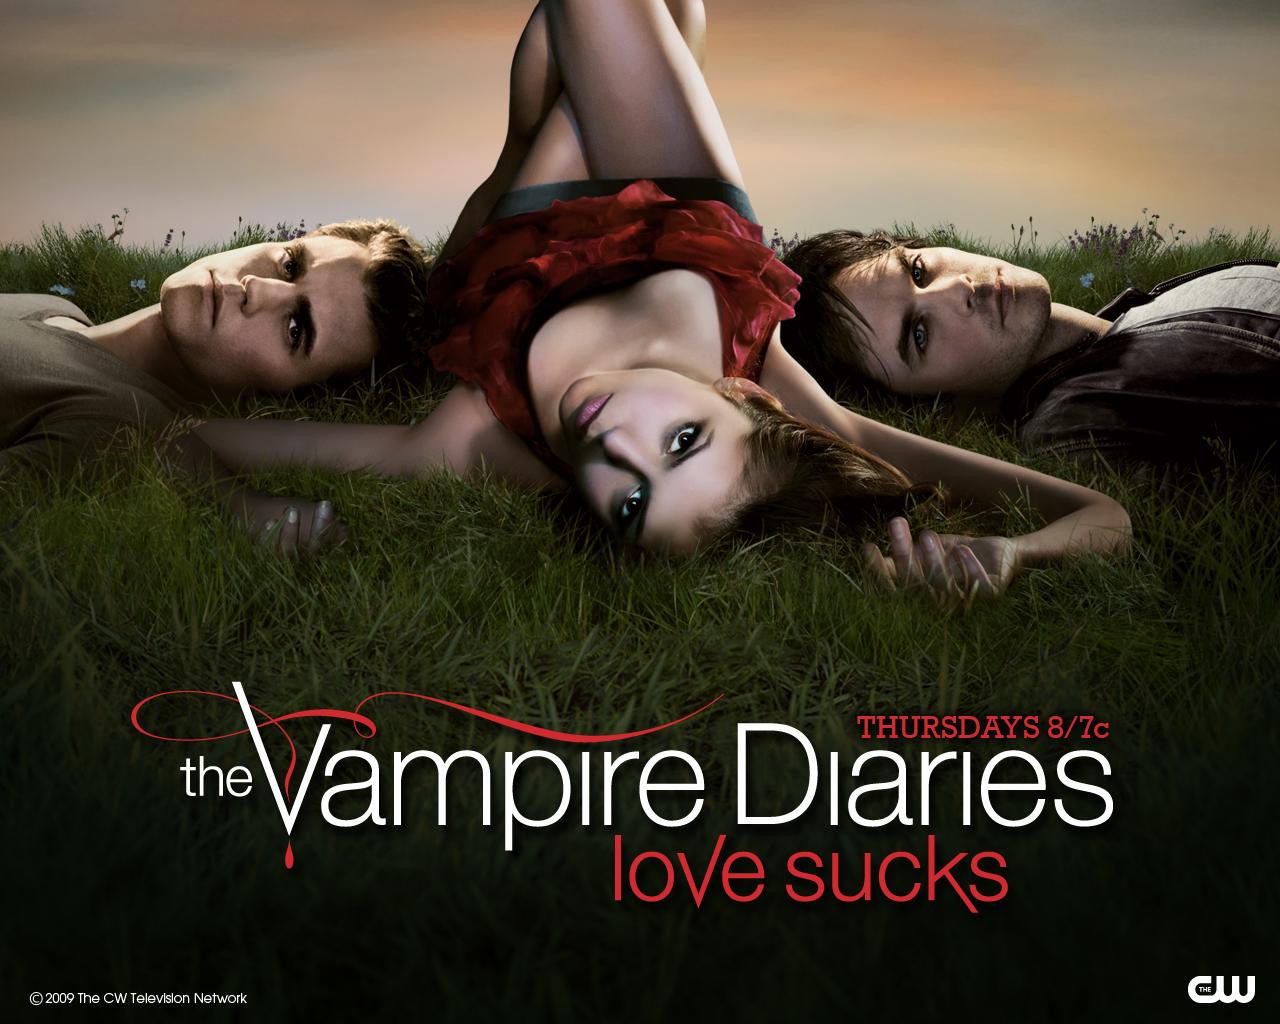 The VAMPIRE DIARIES (TV) — Nina Dobrev | aparoo says